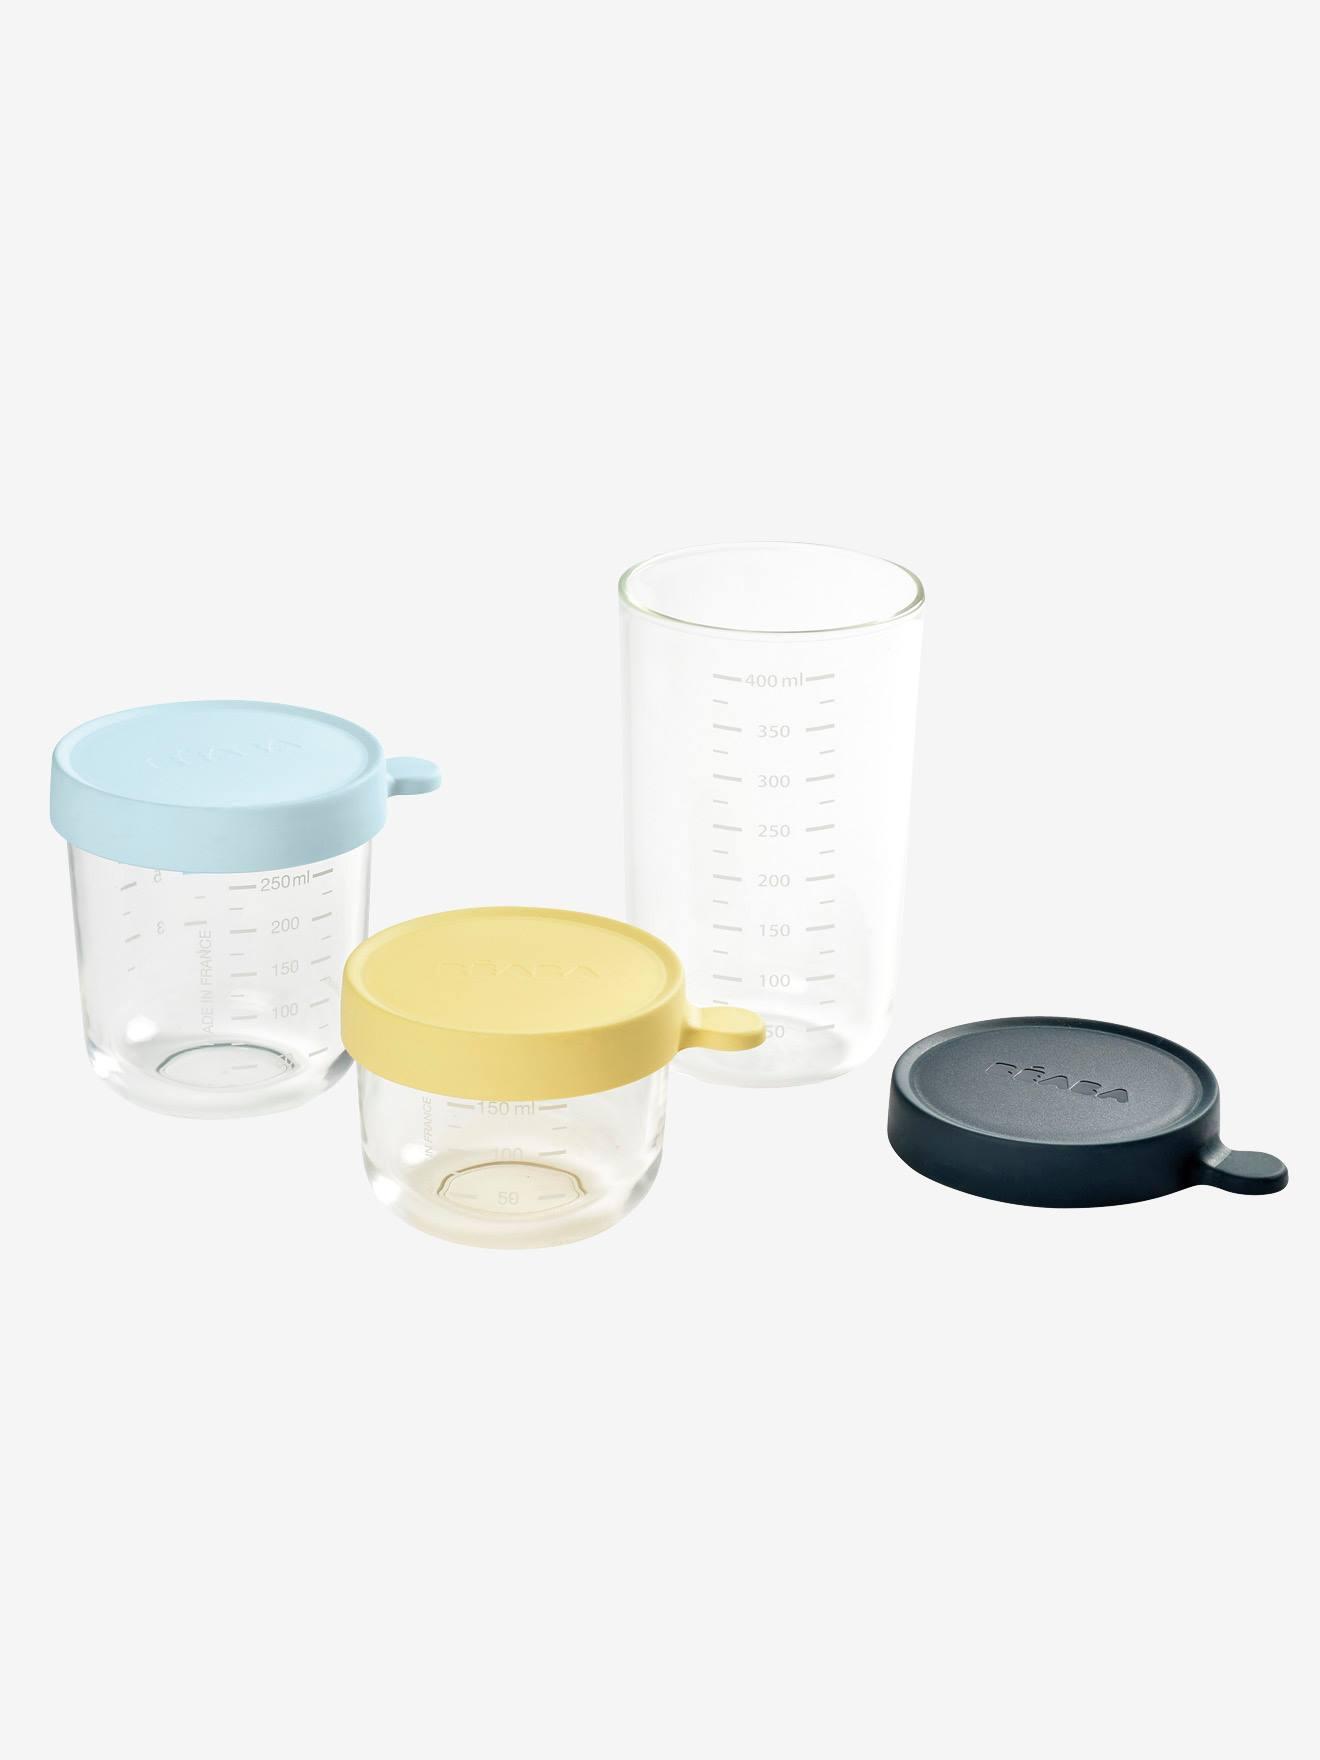 Beaba 3er-Set Vorratsdosen aus Glas von BEABA gelb/blau/blau